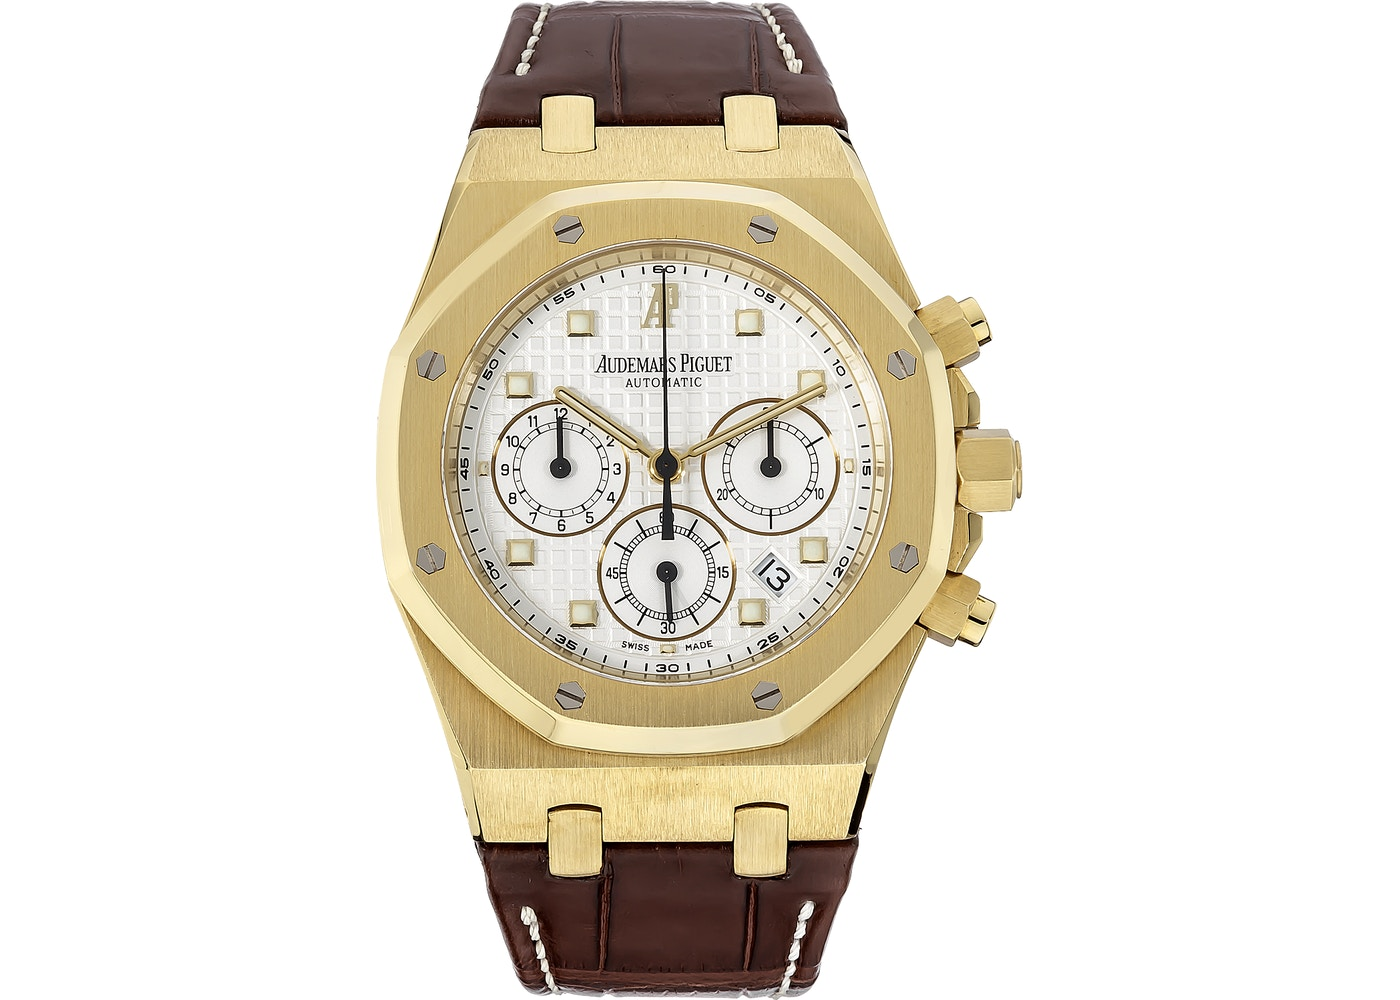 Audemars Piguet Royal Oak Chronograph 26022ba Oo D088cr0